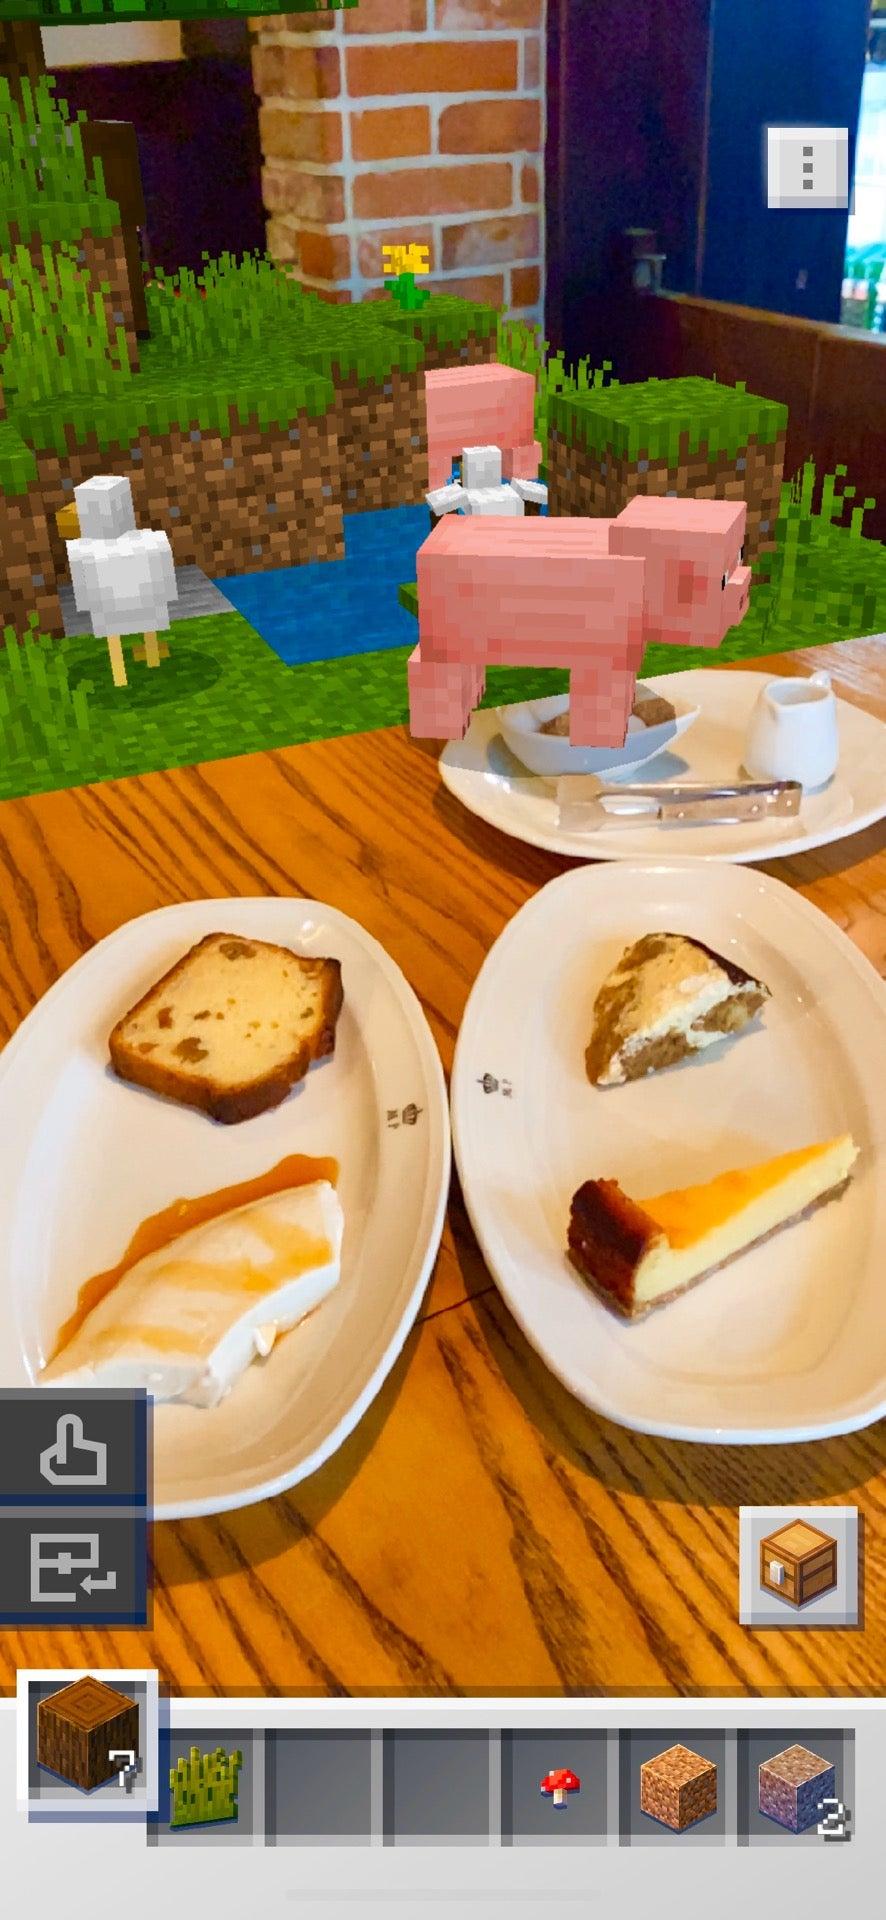 ティラミスとチーズケーキとココナッツババロアとパウンドケーキ。 (@ イタリア料理 Kan in 小牧市, 愛知県) https://t.co/VWlJPfmqtD https://t.co/08RQQ15nav